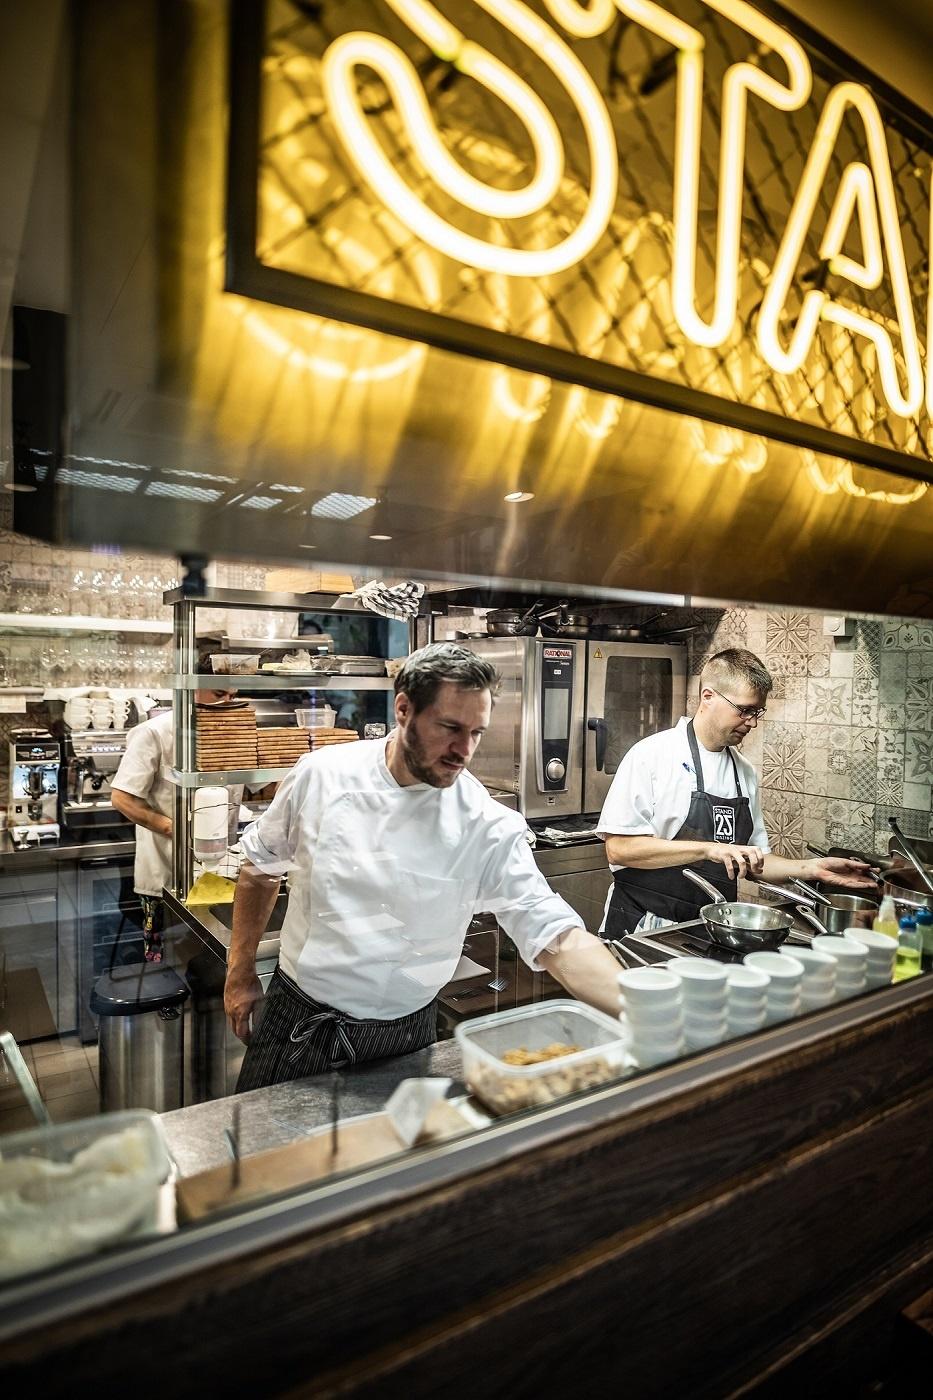 stand 25 piac bucsu Van szó azonban minőségi alapanyagokról, egy szerethető magyar konyháról, és laza, barátságos hangulatról. Merészségüket a Michelin Guide igazolta vissza, a Stand25 alig egy évvel a nyitás után megszerezte a Bib Gourmand minősítést.